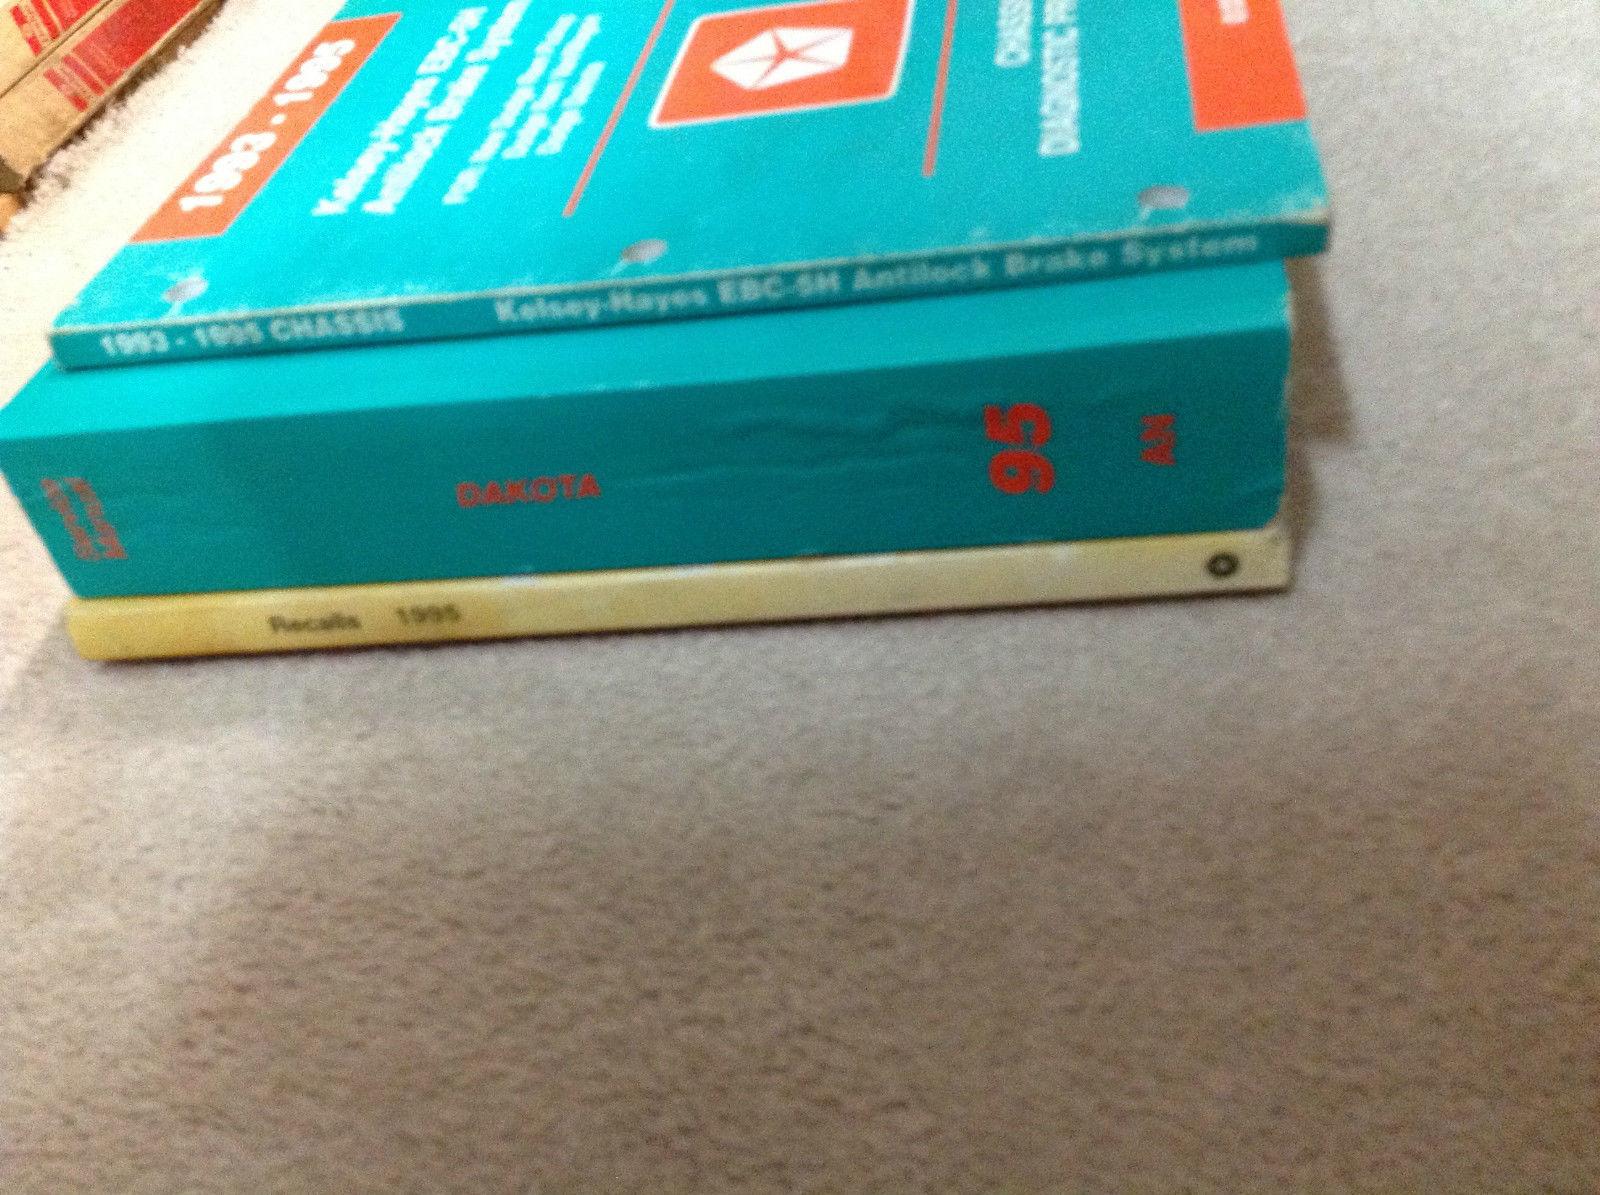 1995 DODGE DAKOTA TRUCK Service Repair Shop Manual Set W Diagnostics + Recalls